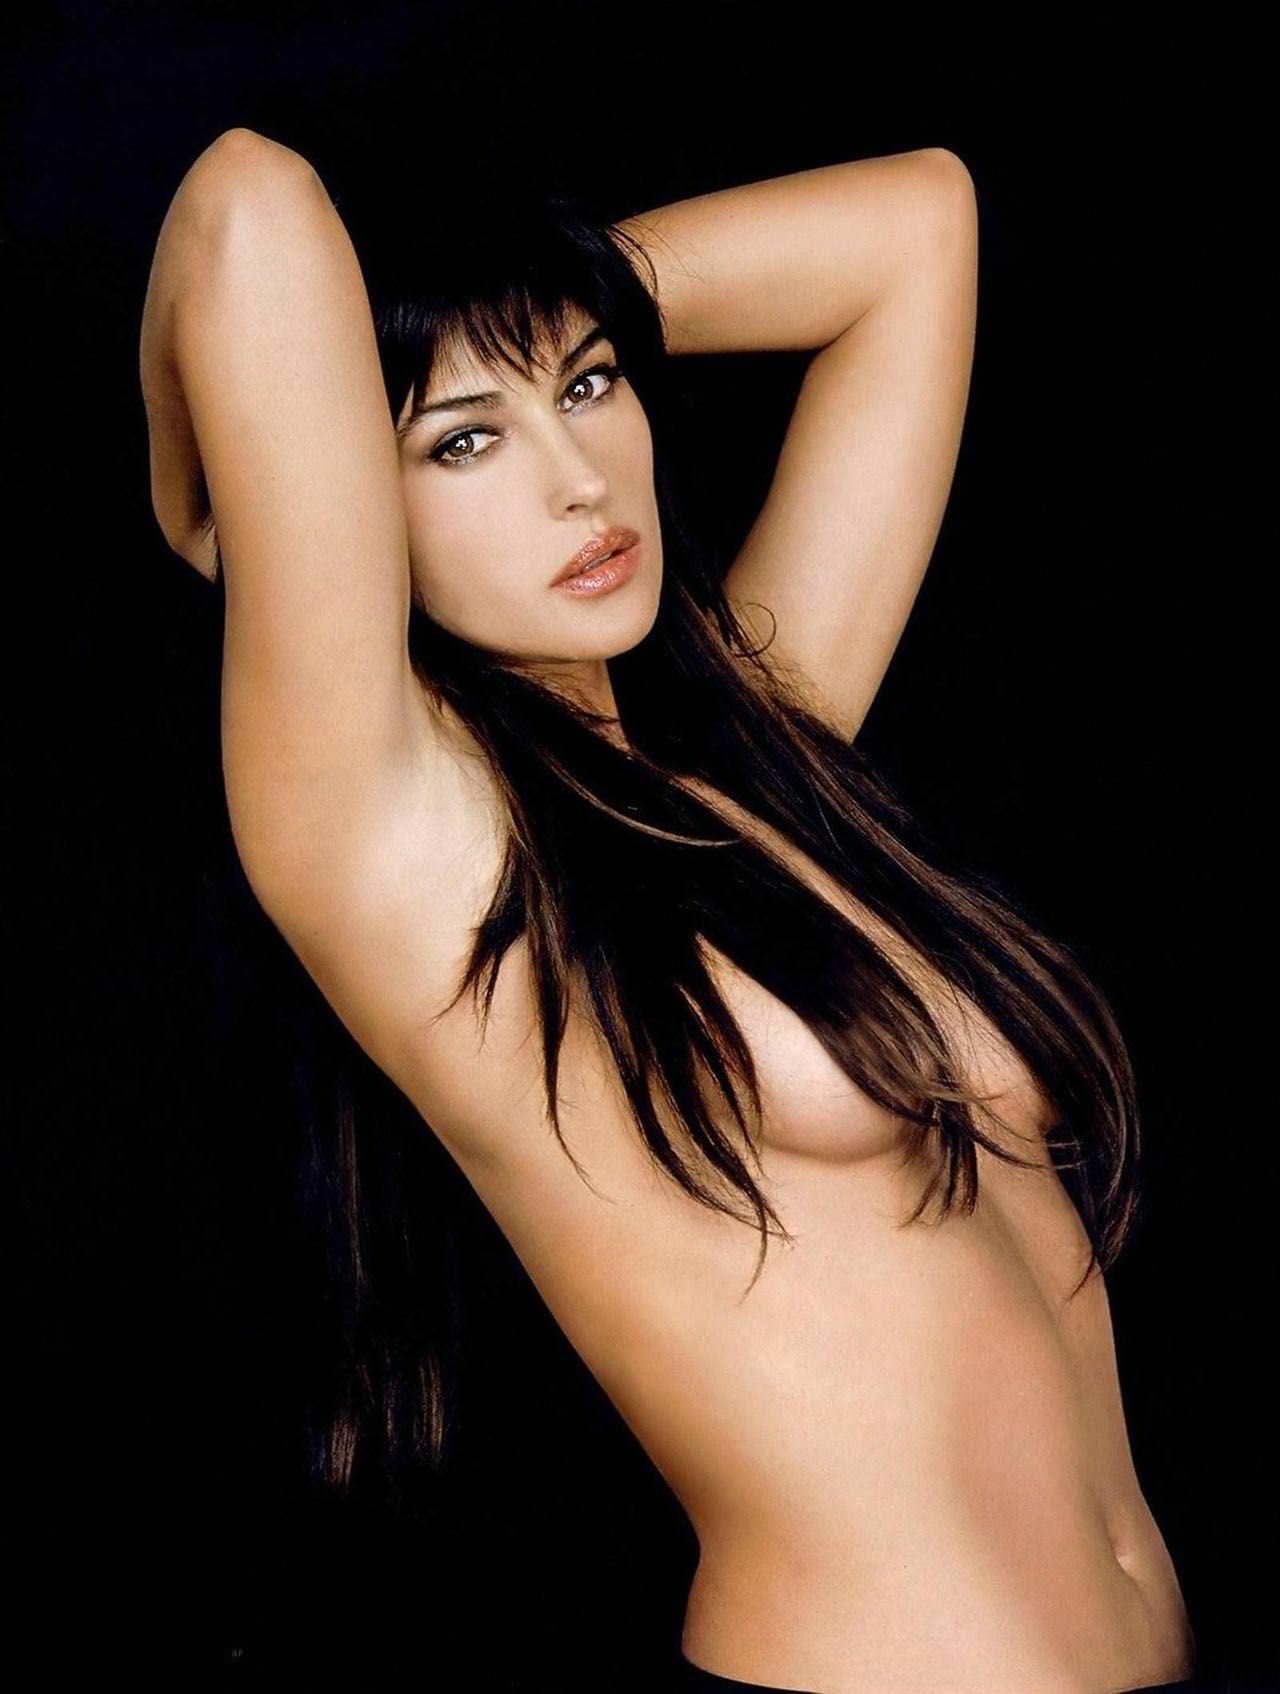 【外人】イタリア人女優モニカ・ベルッチ(Monica Bellucci)の大胆おっぱい露出ポルノ画像 3319